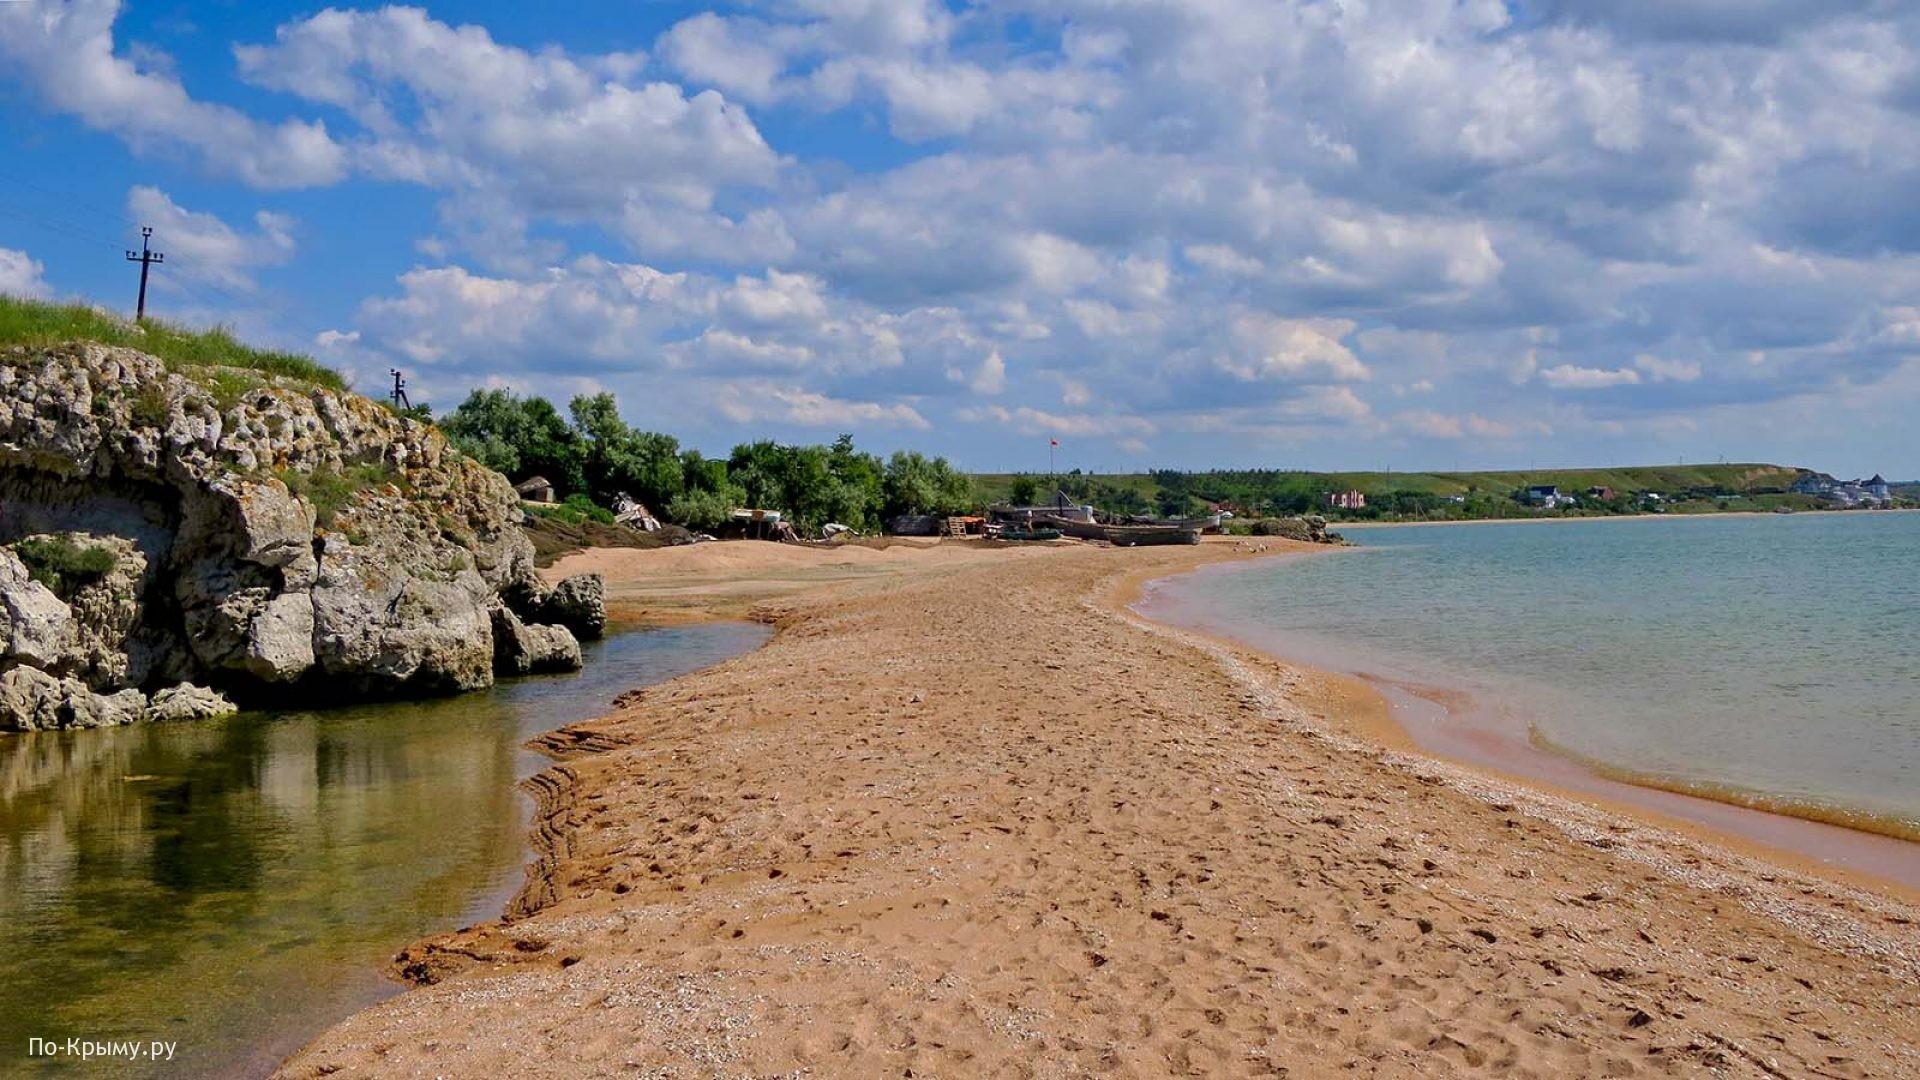 Песчано-ракушечные берега Казантипского залива